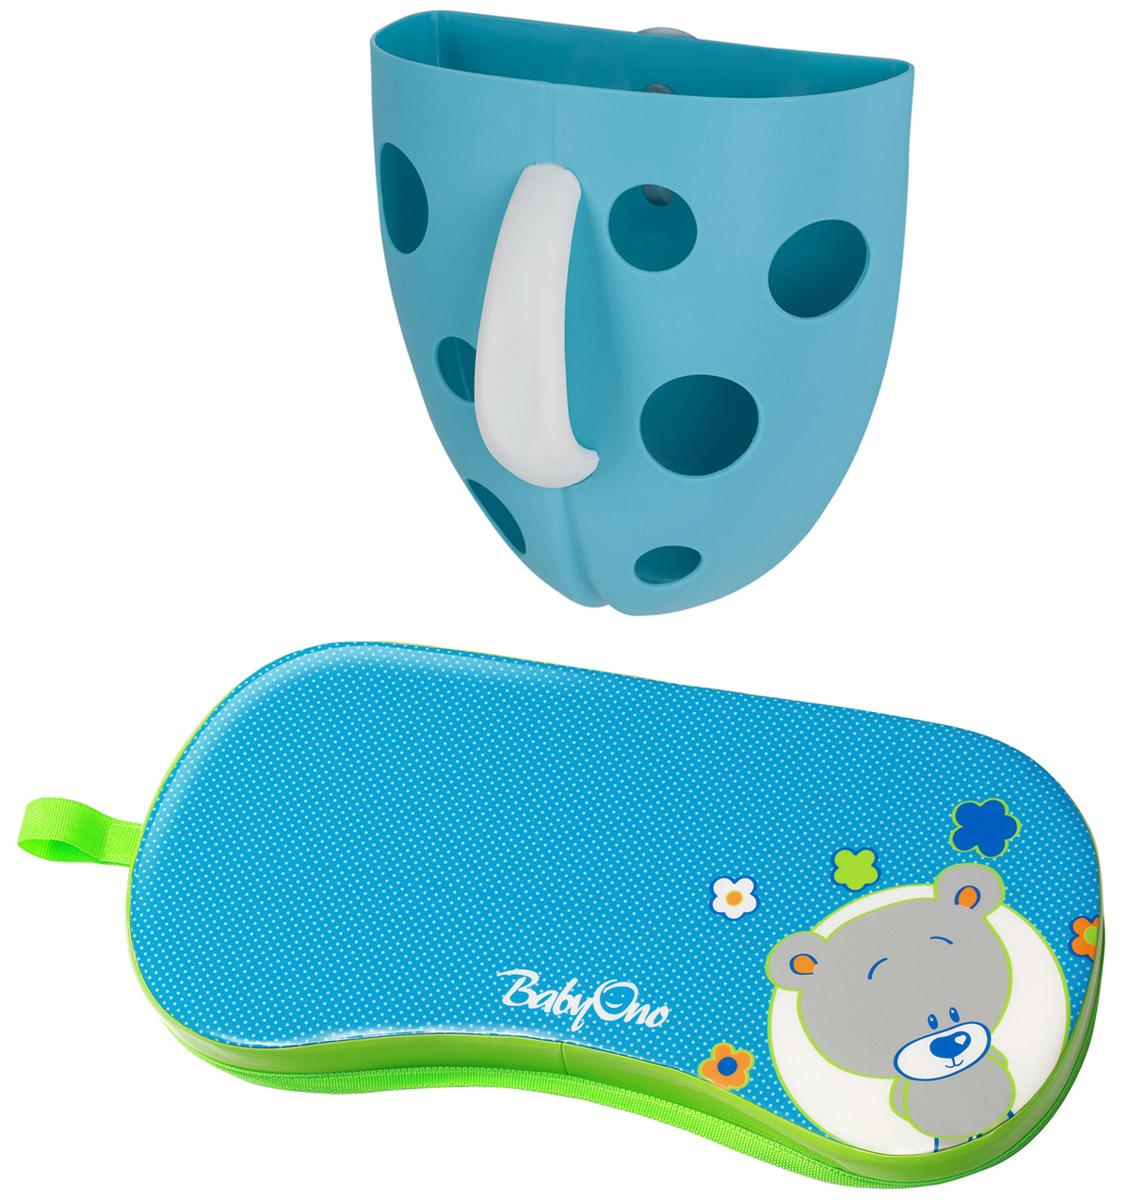 BabyOno Контейнер для игры в ванной цвет голубой + коврик под колени